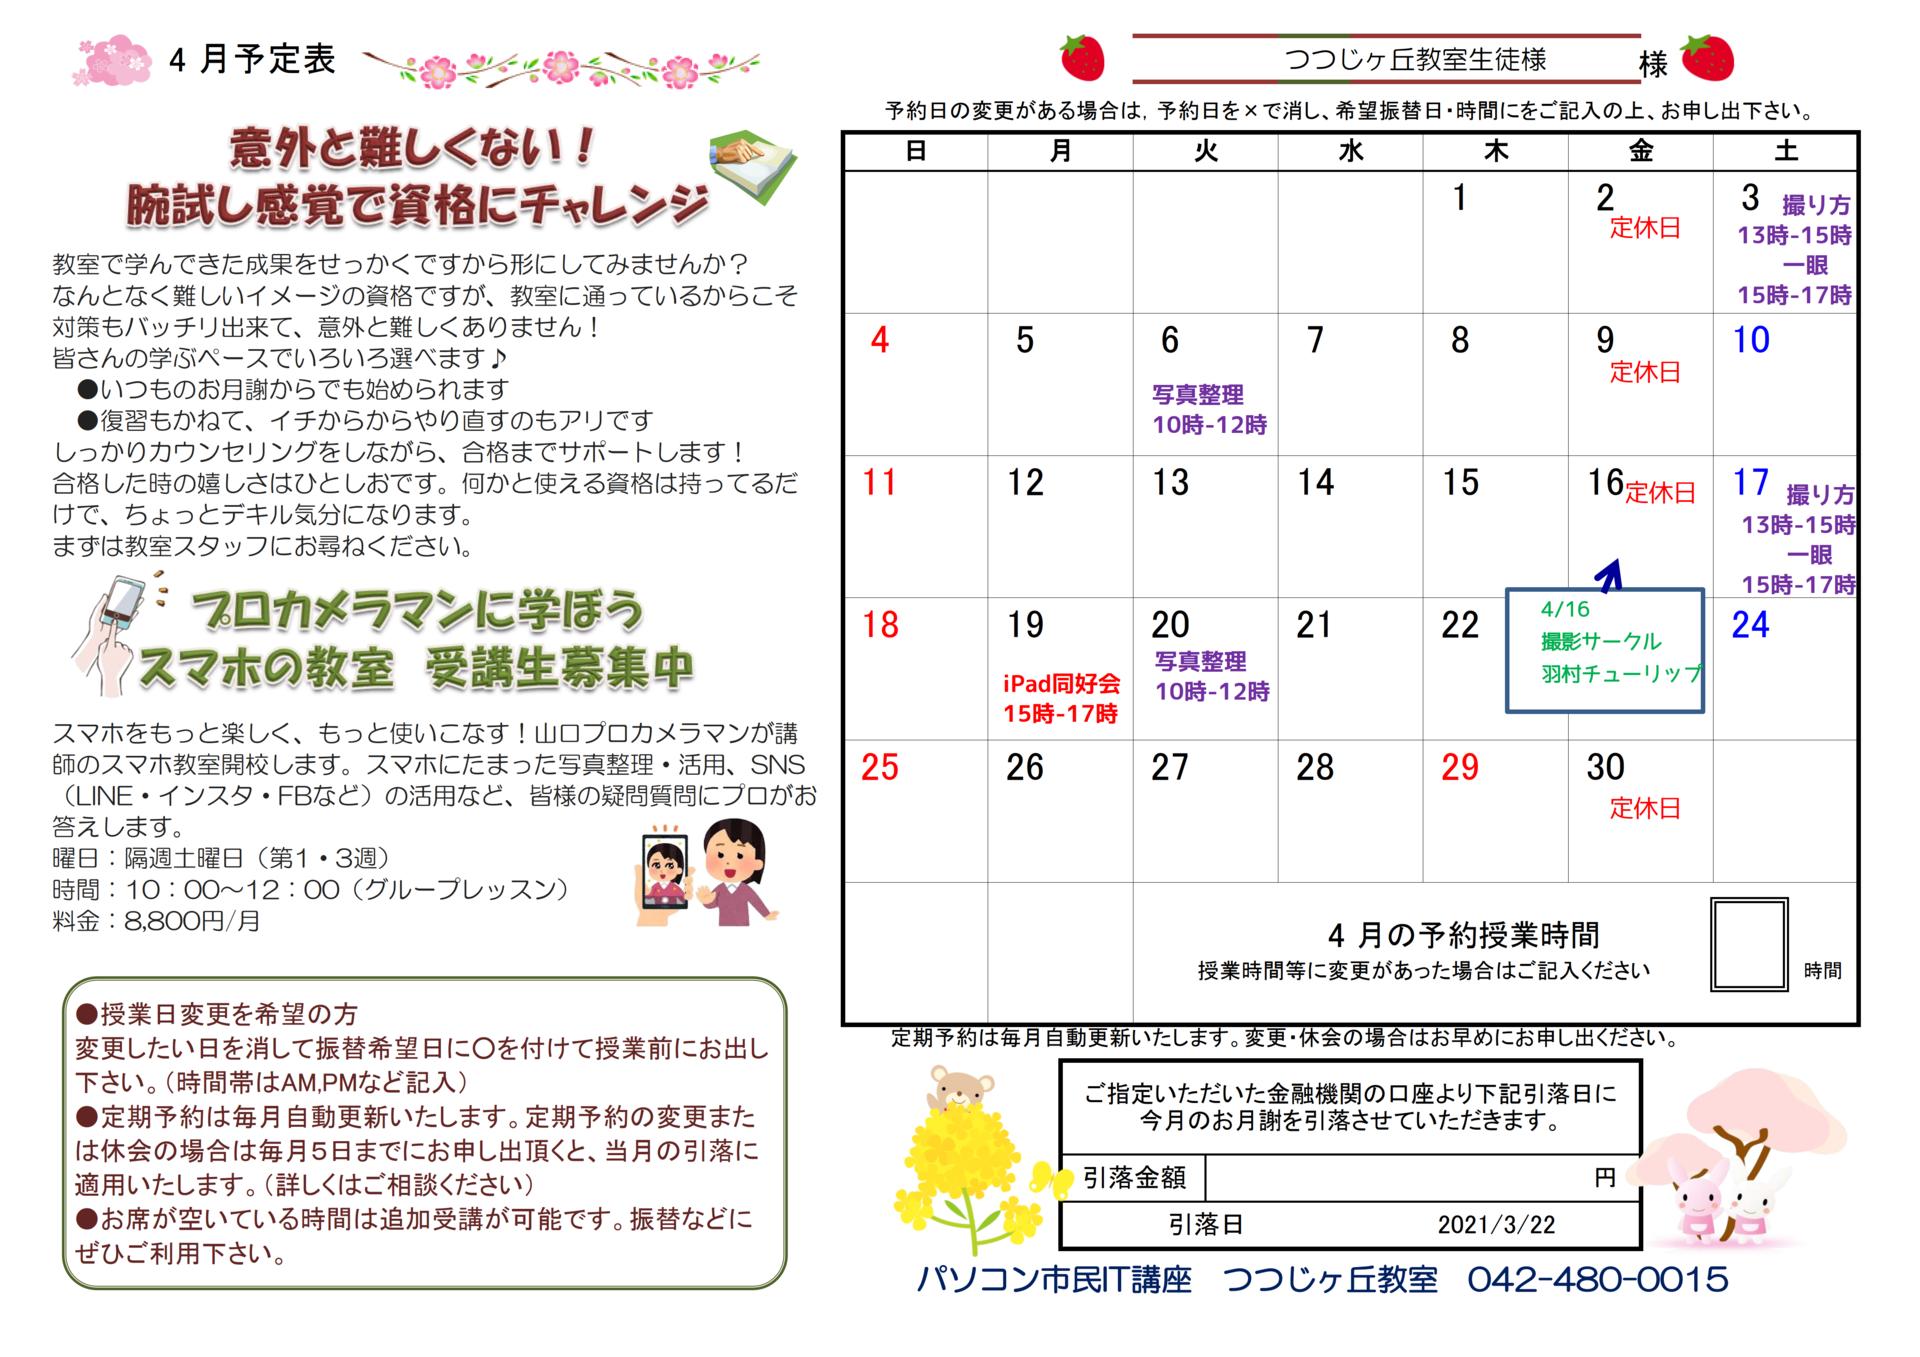 202104カレンダー_1.png